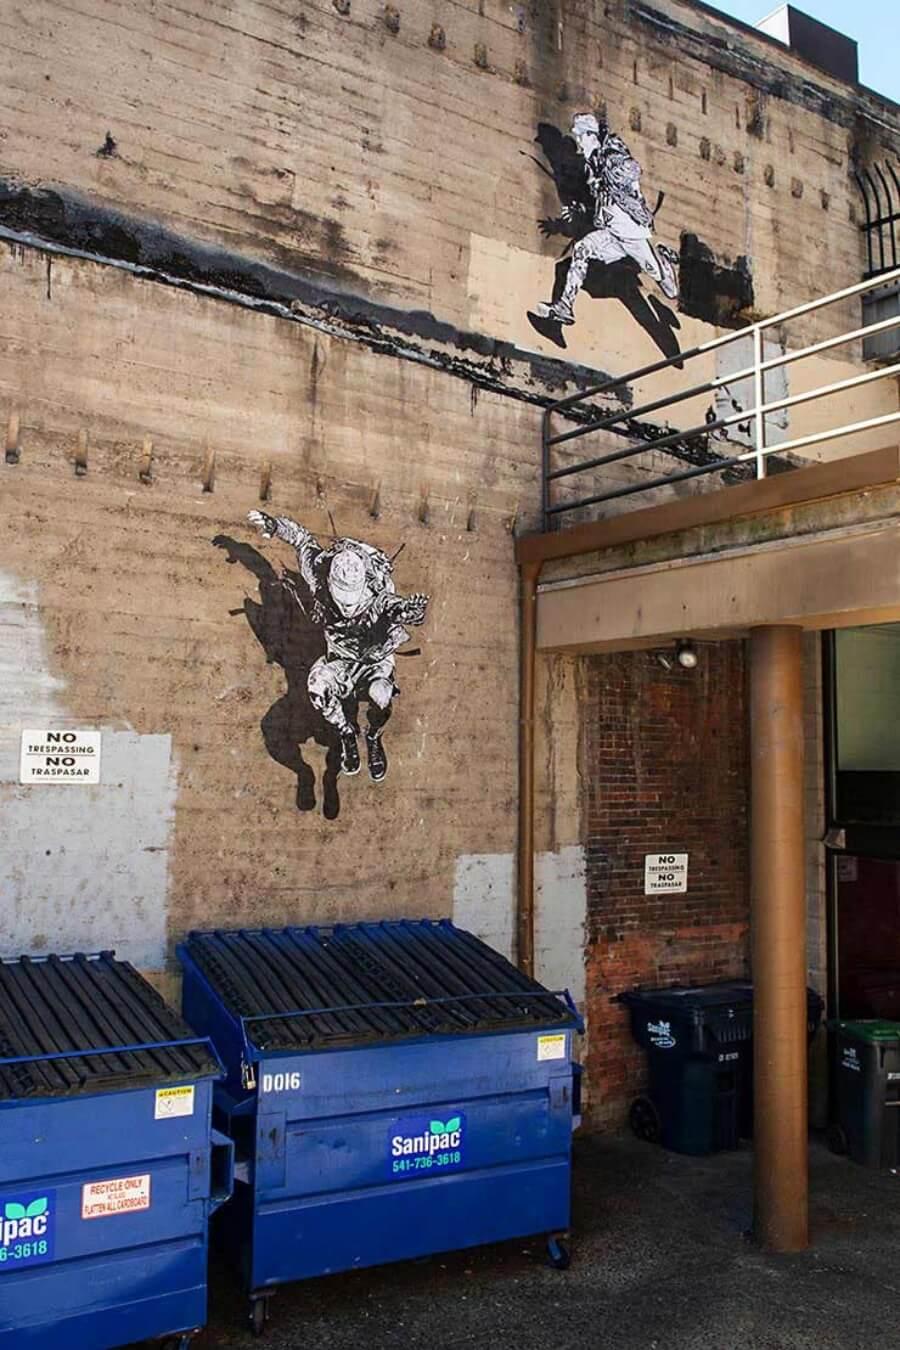 Eugene, una ciudad con mucho street art